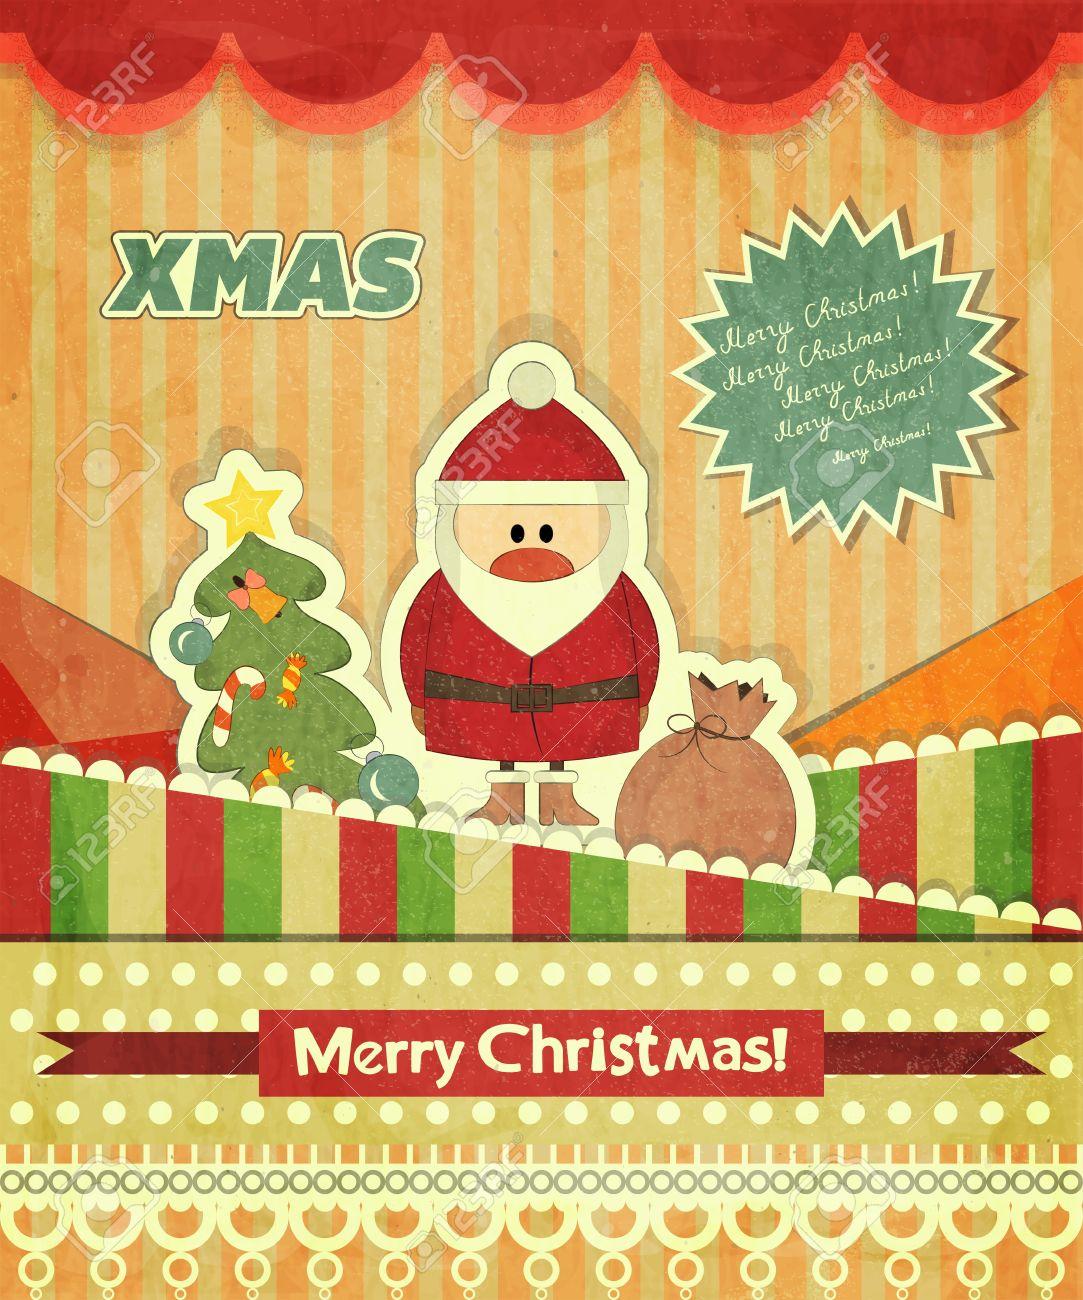 Christmas Cards With Santa, Christmas Tree And Text Merry Christmas ...